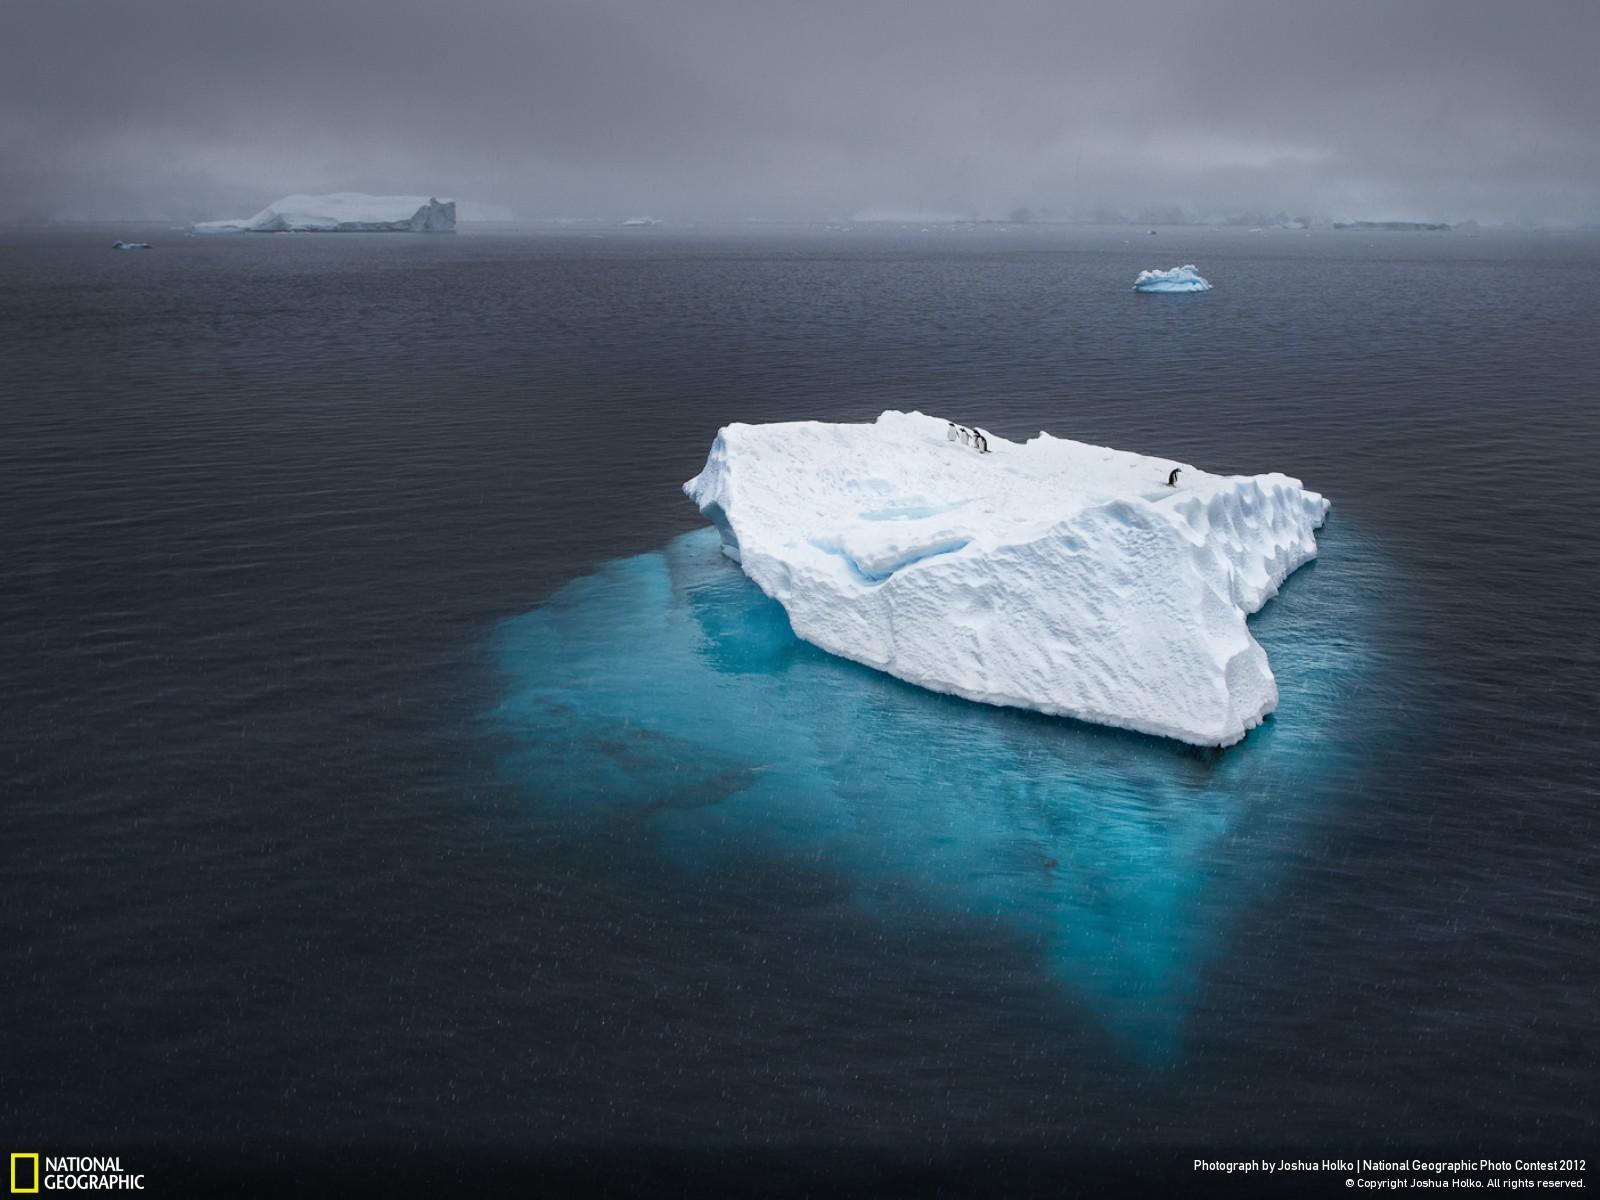 47 Лучшие фотографии за 2012 год по версии National Geographic